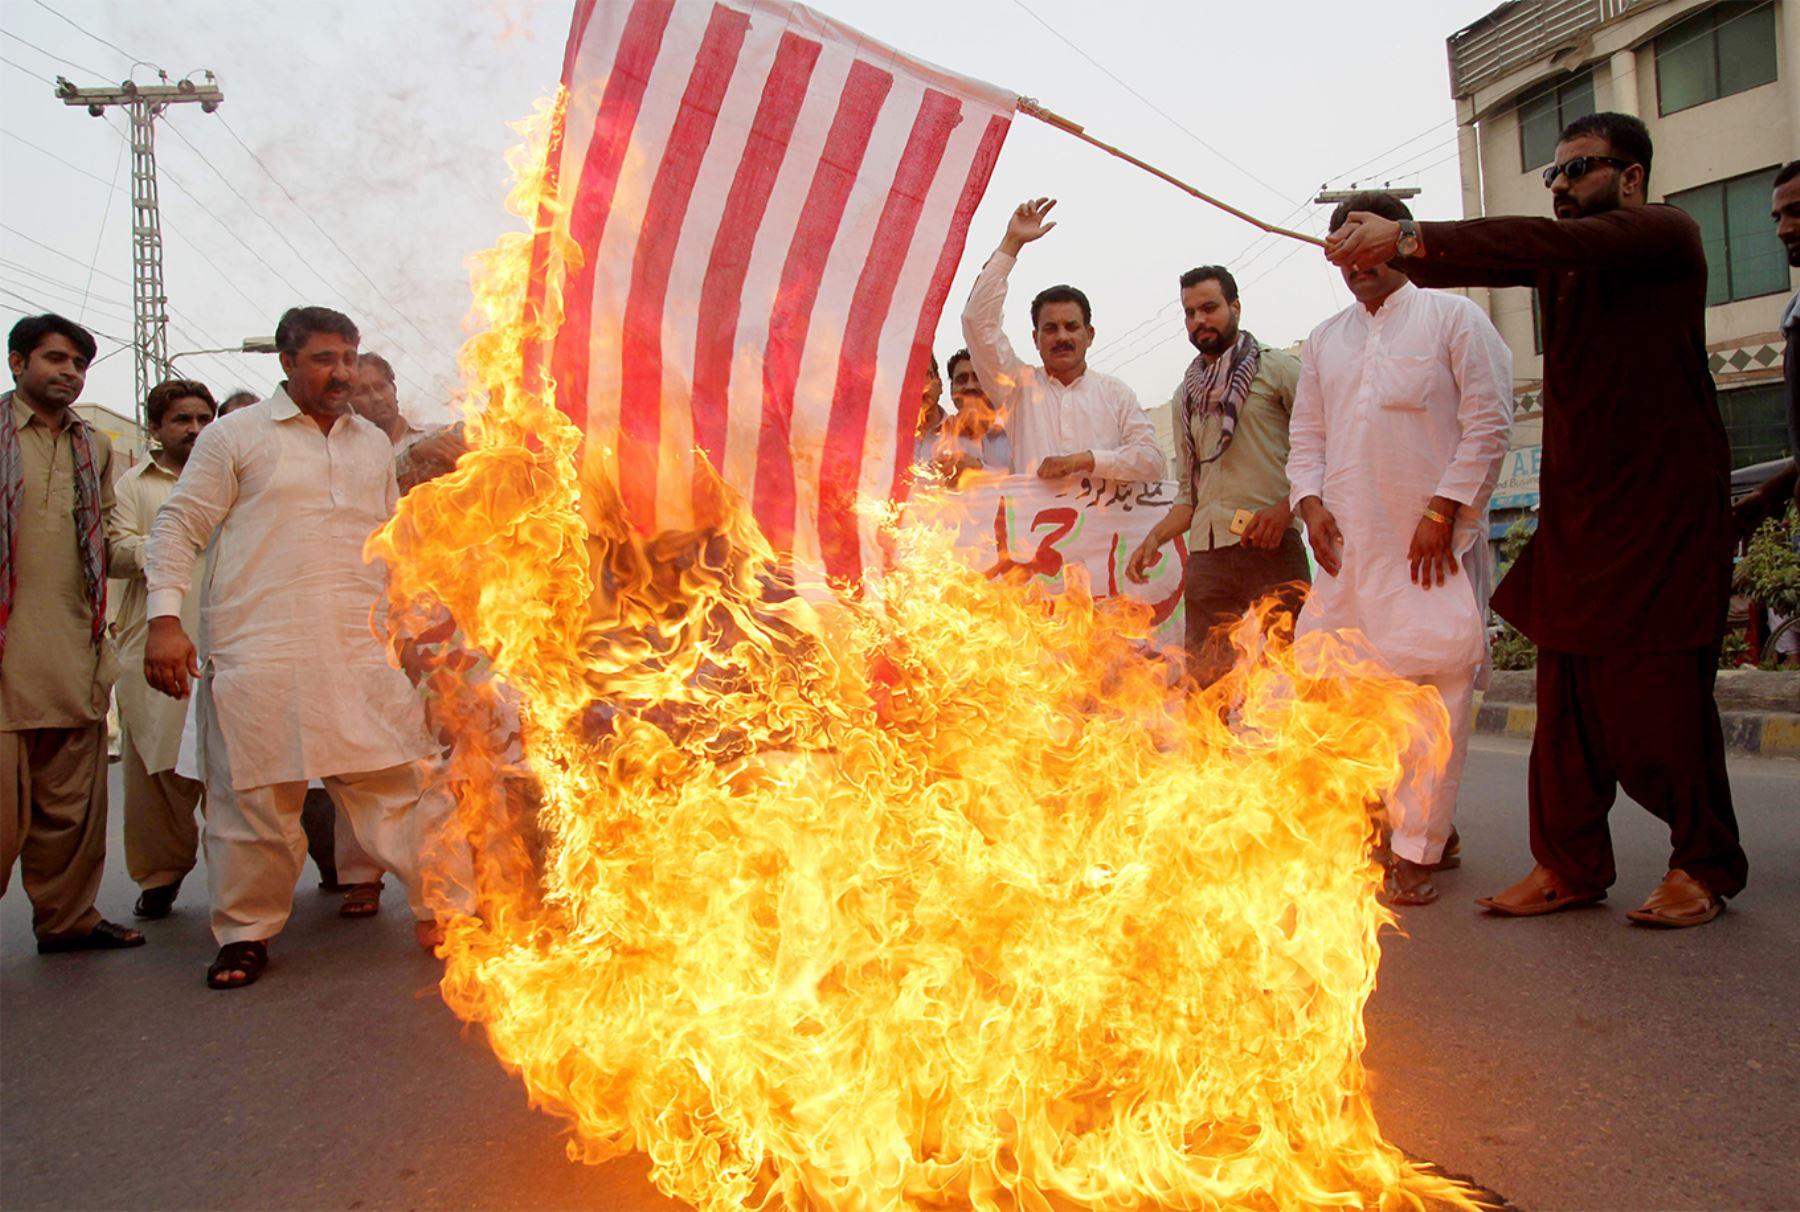 Un manifestante paquistaní sostiene una bandera de Estados Unidos ardiendo mientras los demás gritan consignas durante una protesta en Multan el 24 de mayo de 2016, contra un ataque de drone estadounidense en la provincia suroccidental paquistaní de Baluchistán.  AFP PHOTO / SS MIRZA